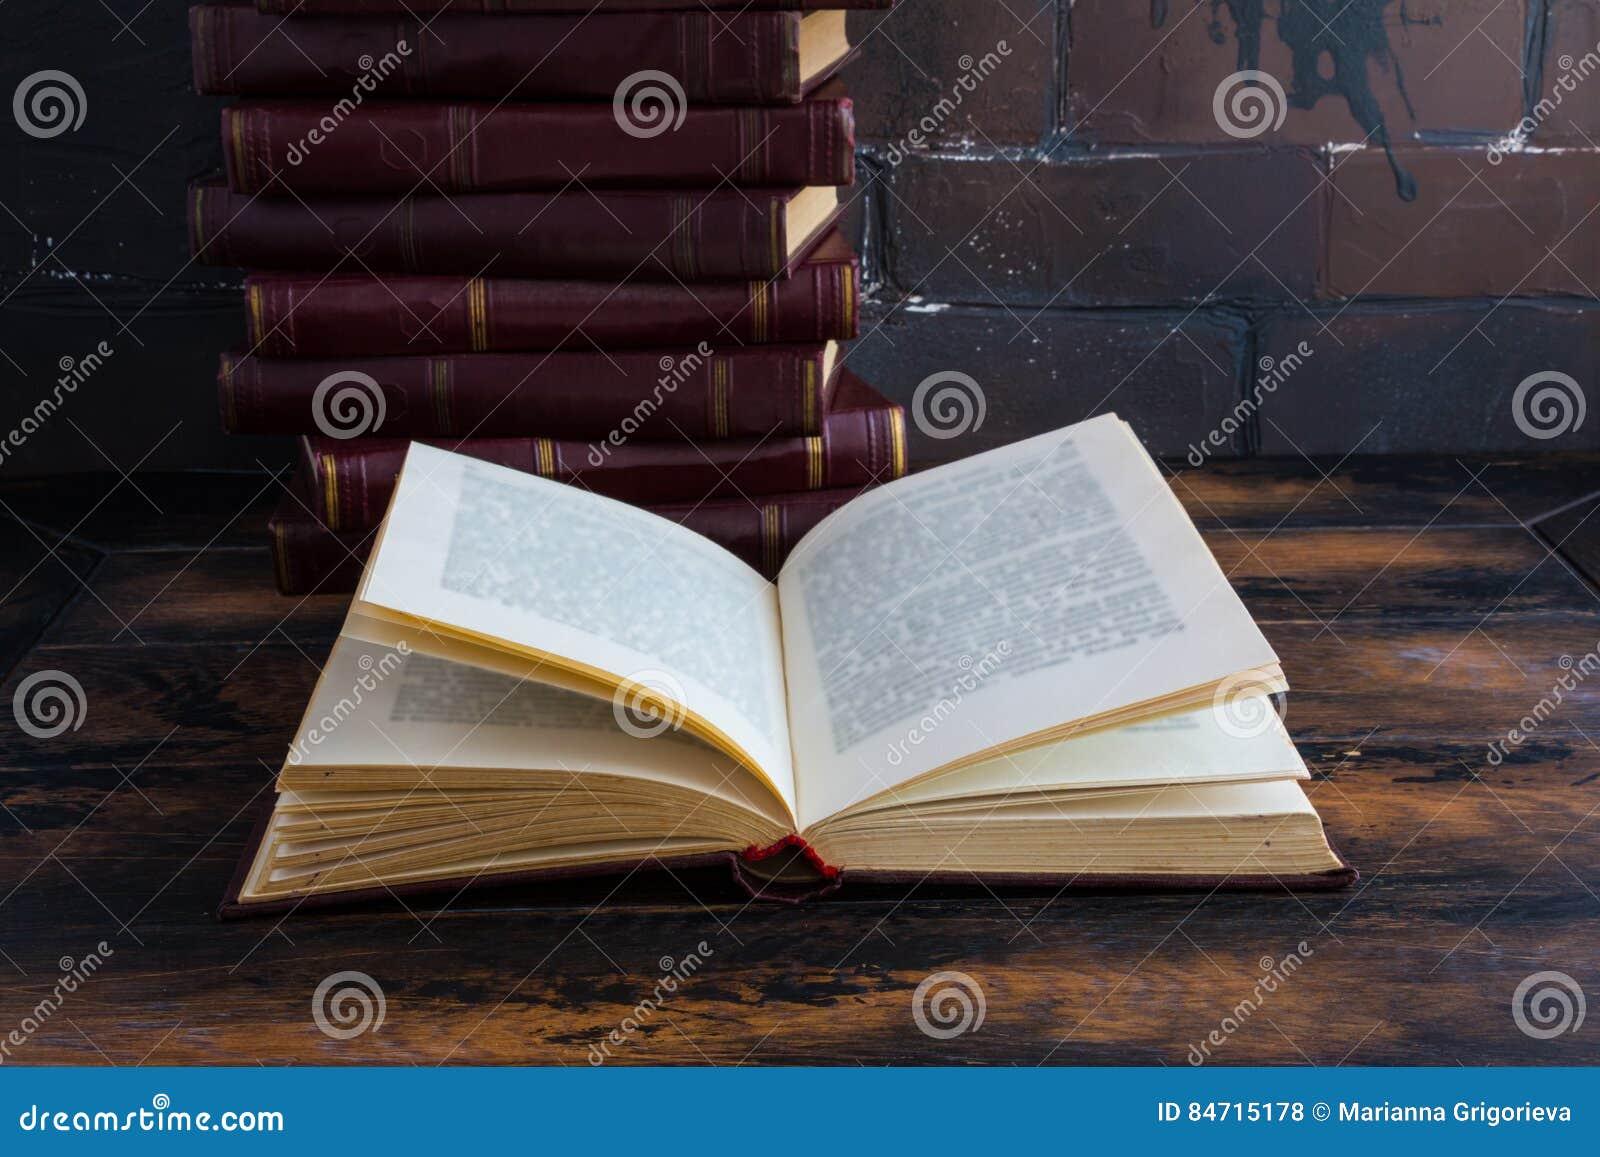 Ένας σωρός των βιβλίων με μια σκούρο κόκκινο σκληρή κάλυψη ένα μια άλλη και το ανοικτό βιβλίο σε έναν ξύλινο πίνακα στα πλαίσια τ